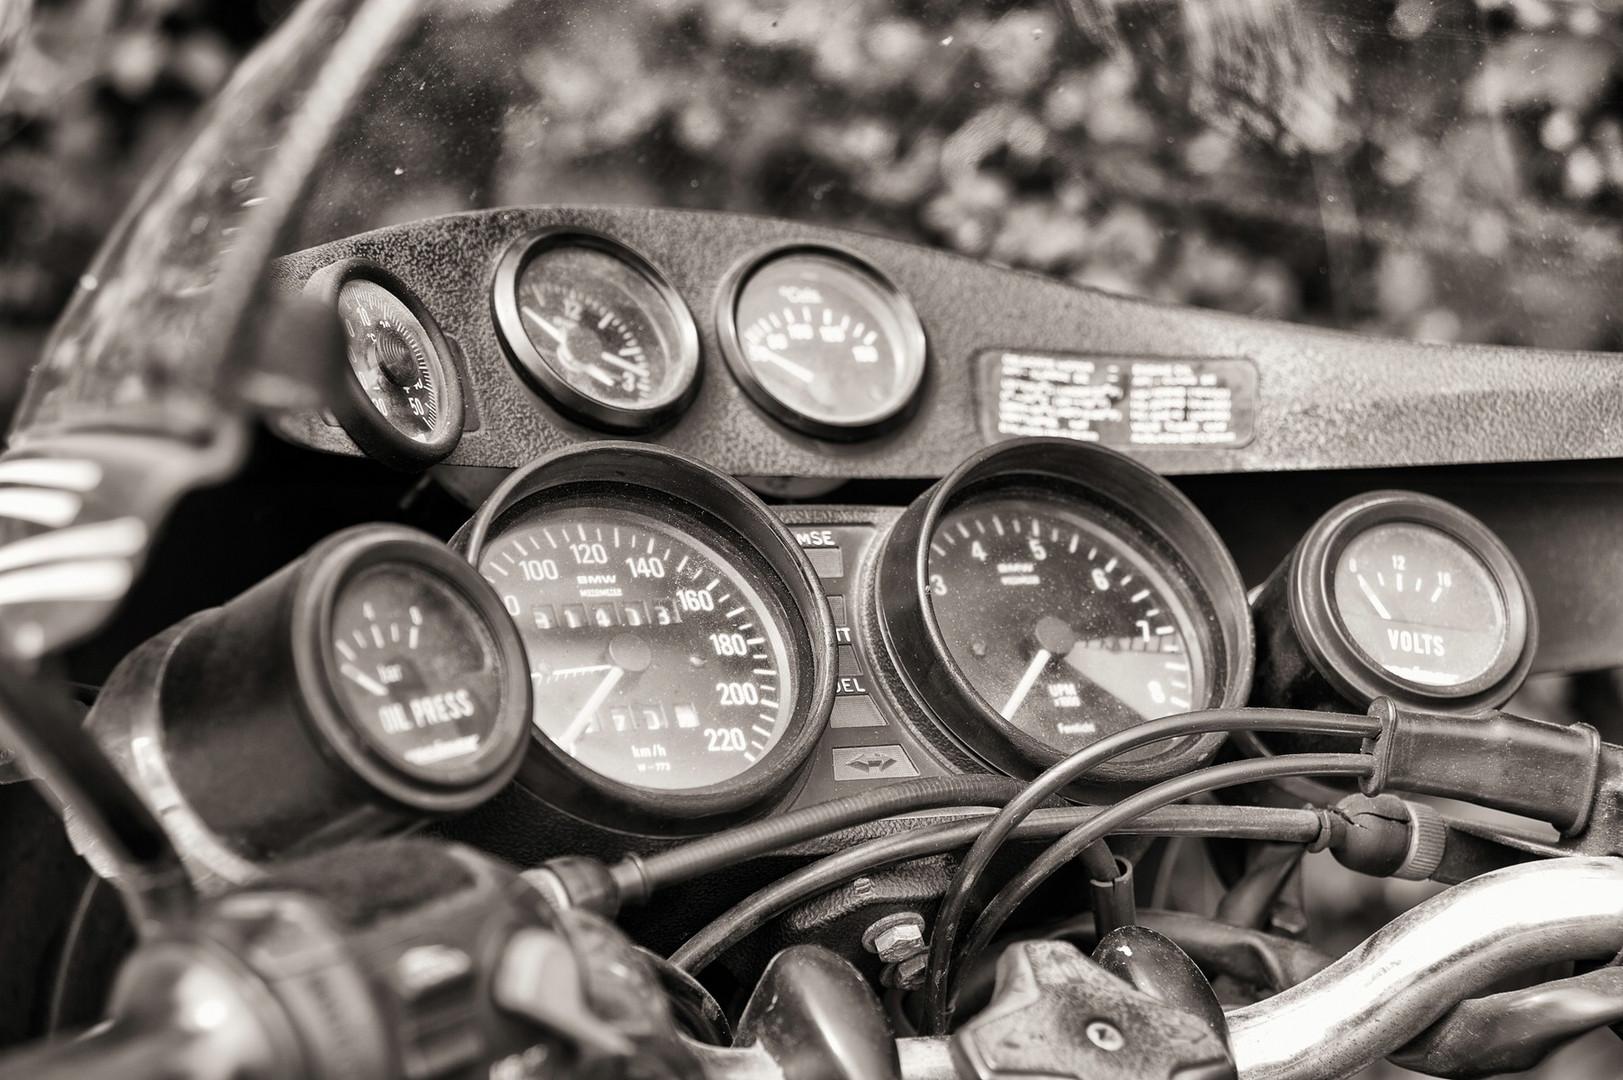 220 km/h